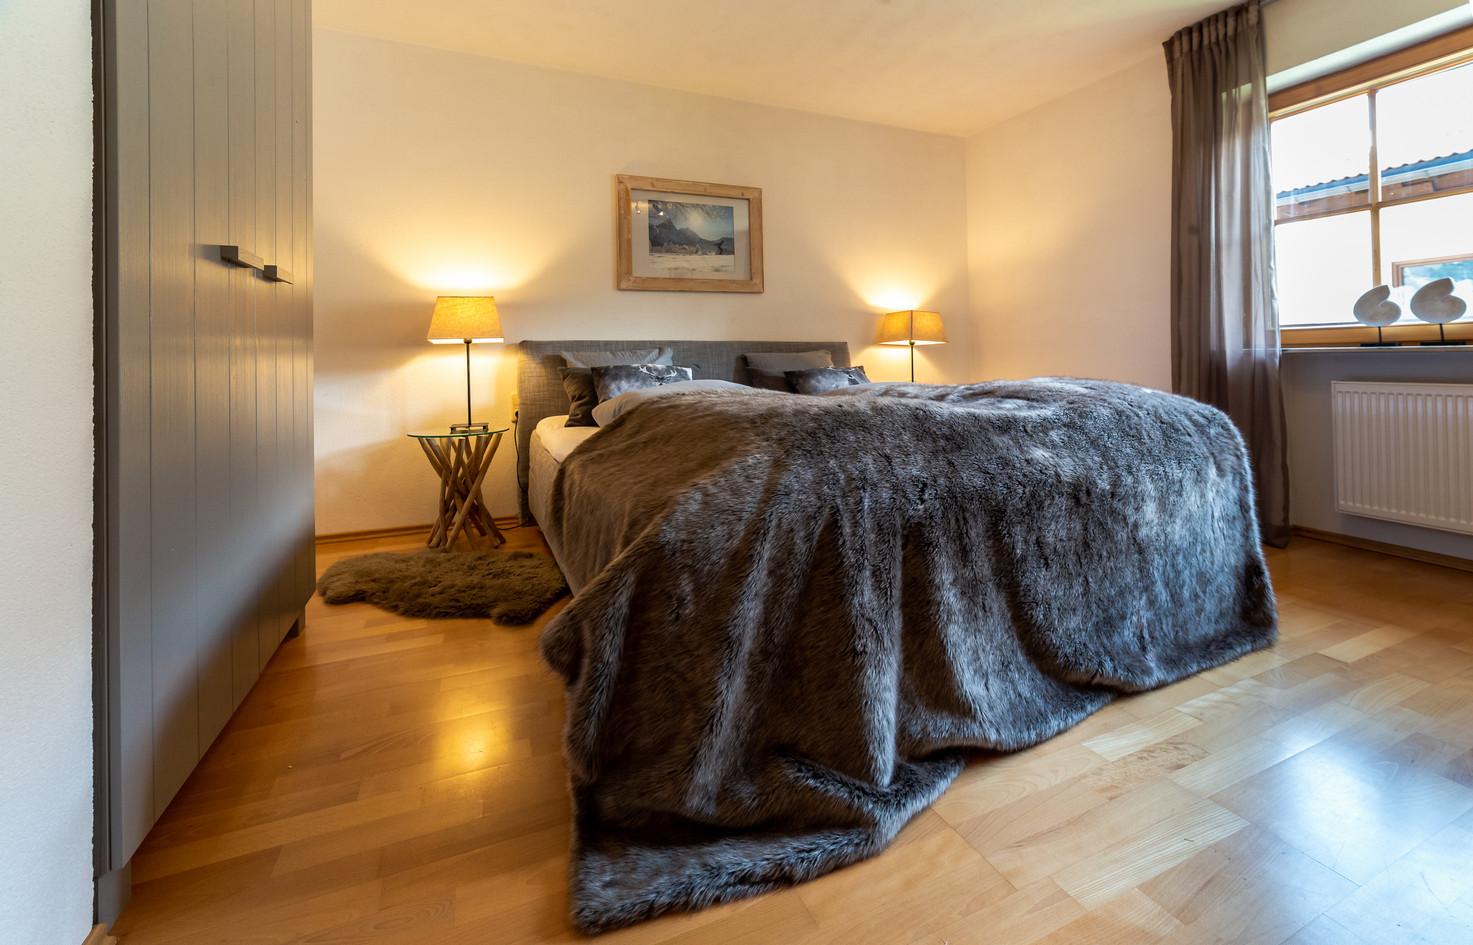 schneehaus kristal site bedroom 1.jpg